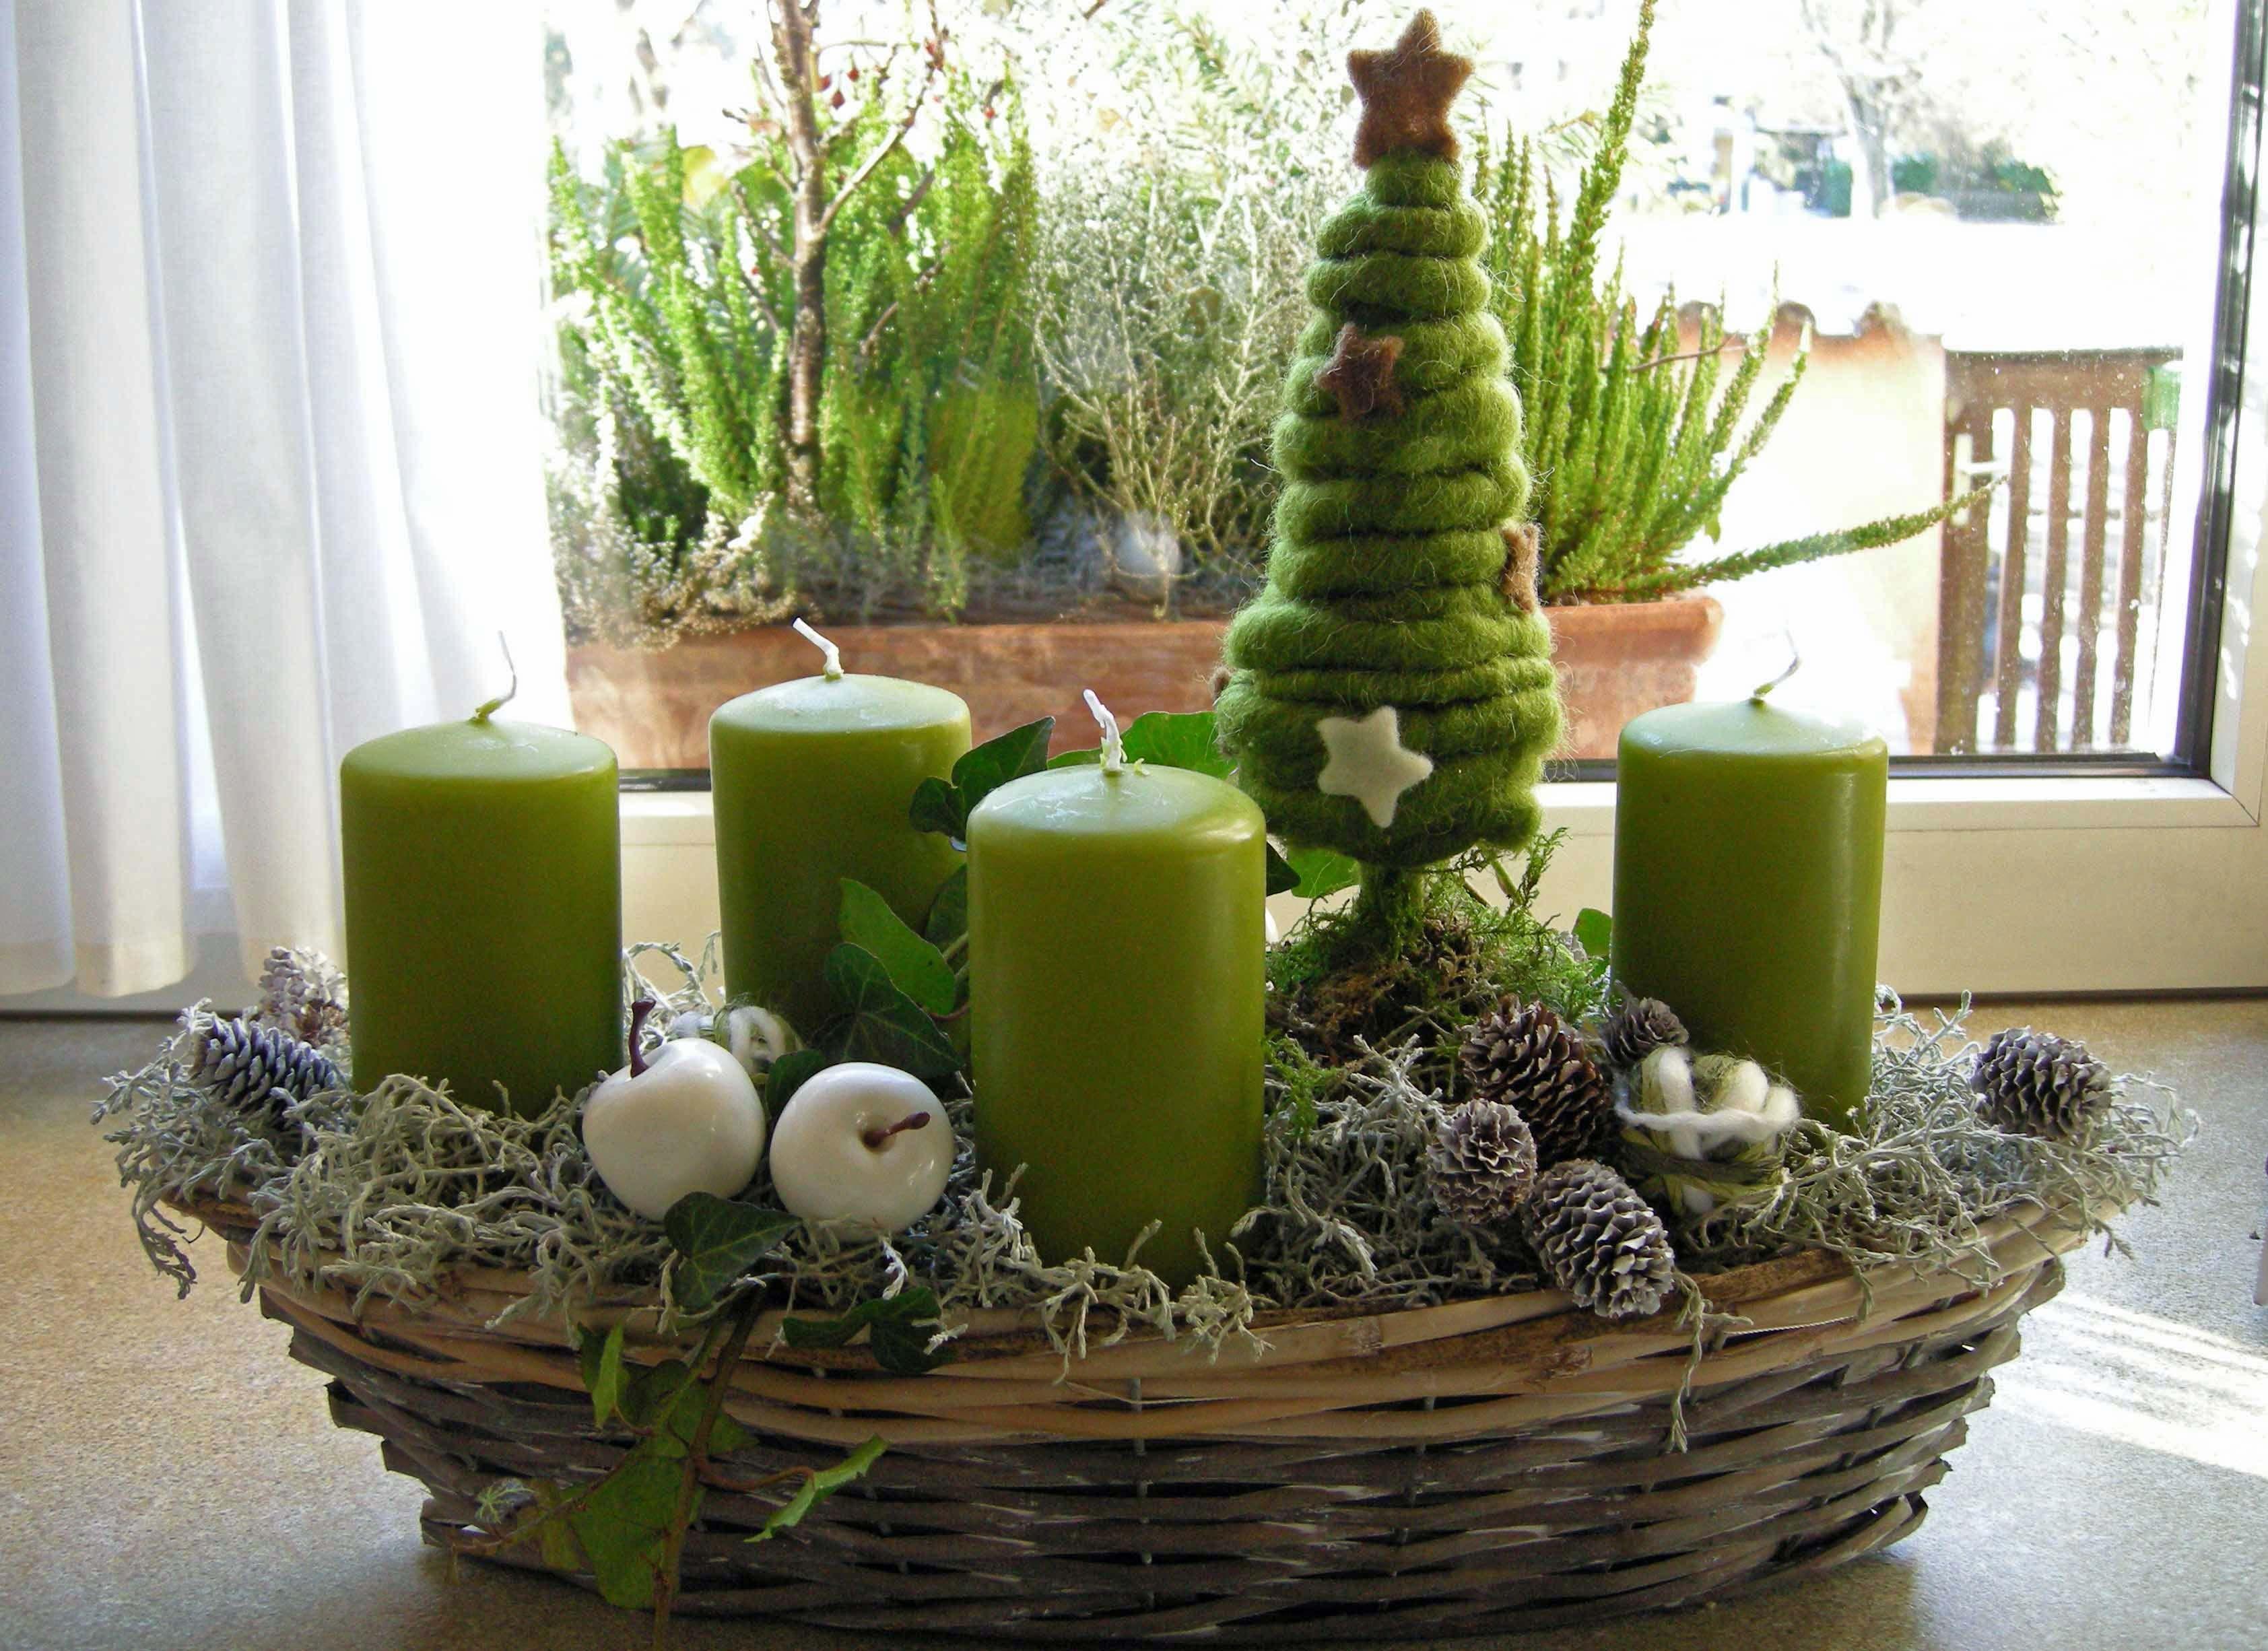 b6b16d1c7305748cadc848e662893b20 Schöne Fensterbank Weihnachtlich Dekorieren Dekorationen